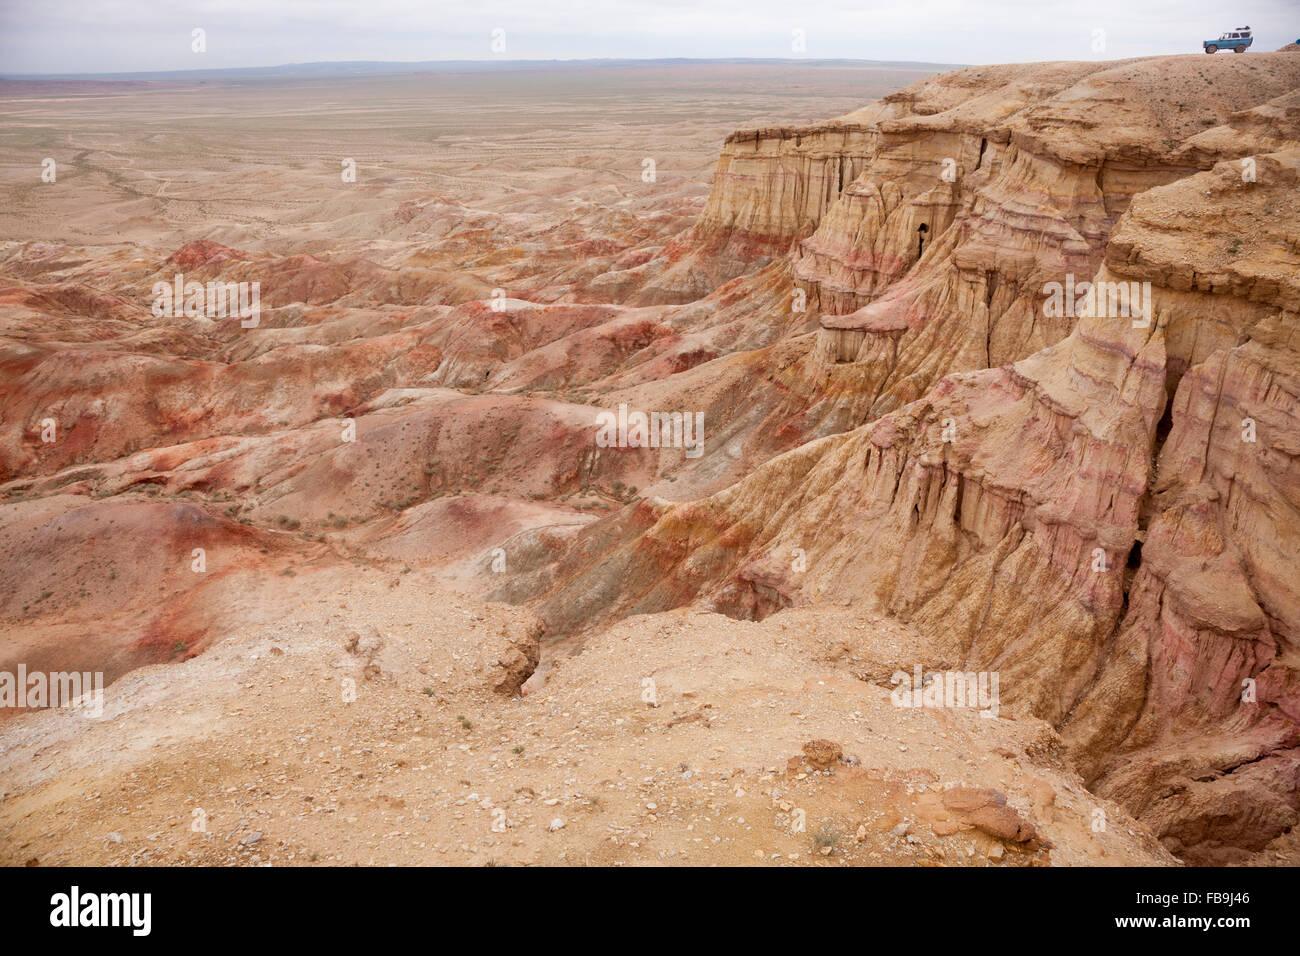 Un 4X4 russe à la recherche sur le désert de Gobi, en Mongolie. Photo Stock